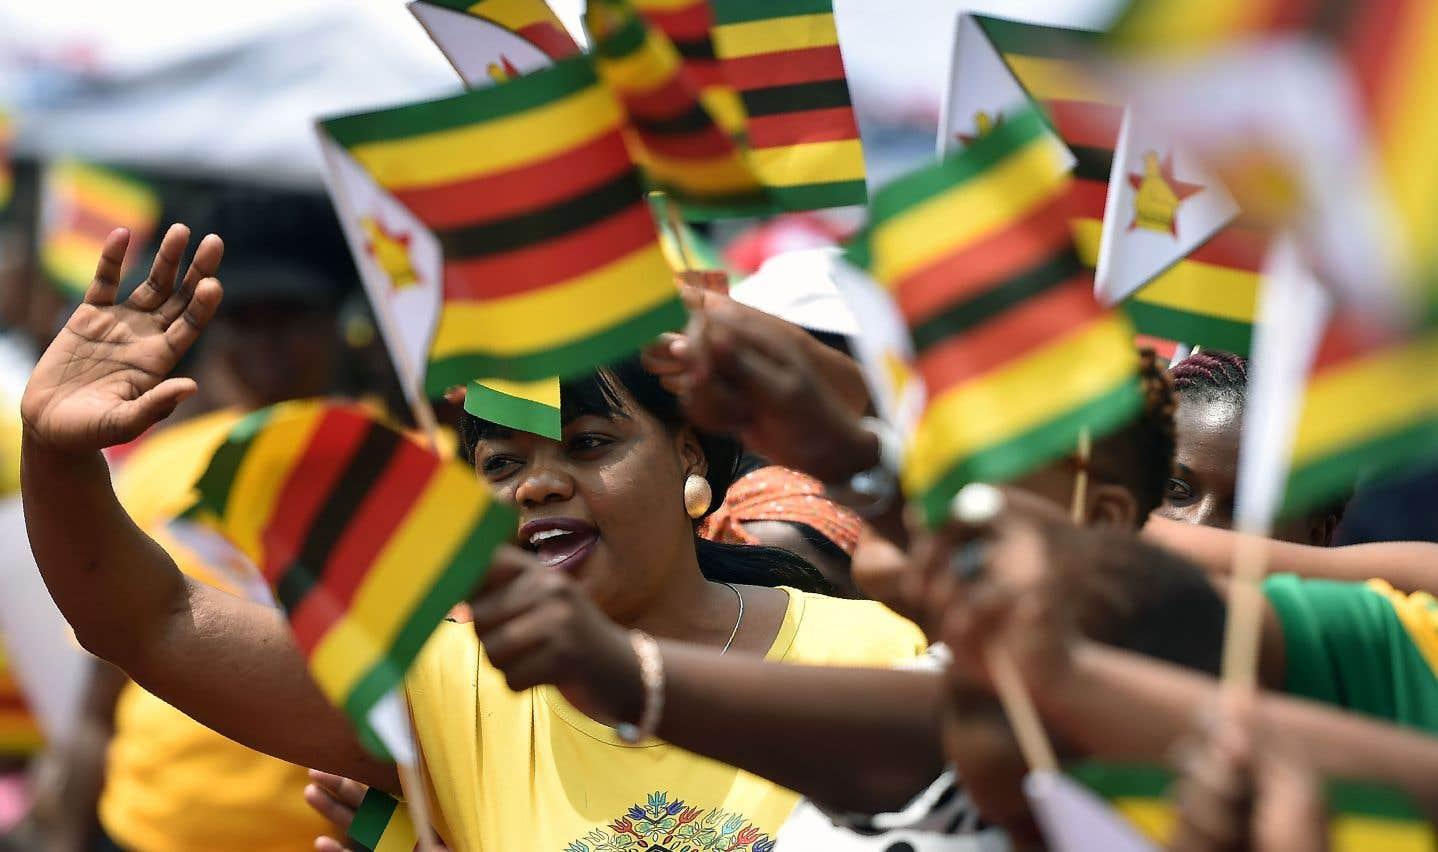 Des Zimbabwéens se sont réunis pendant la cérémonie faisant d'Emmerson Mnangagwa le nouveau président du pays, vendredi.